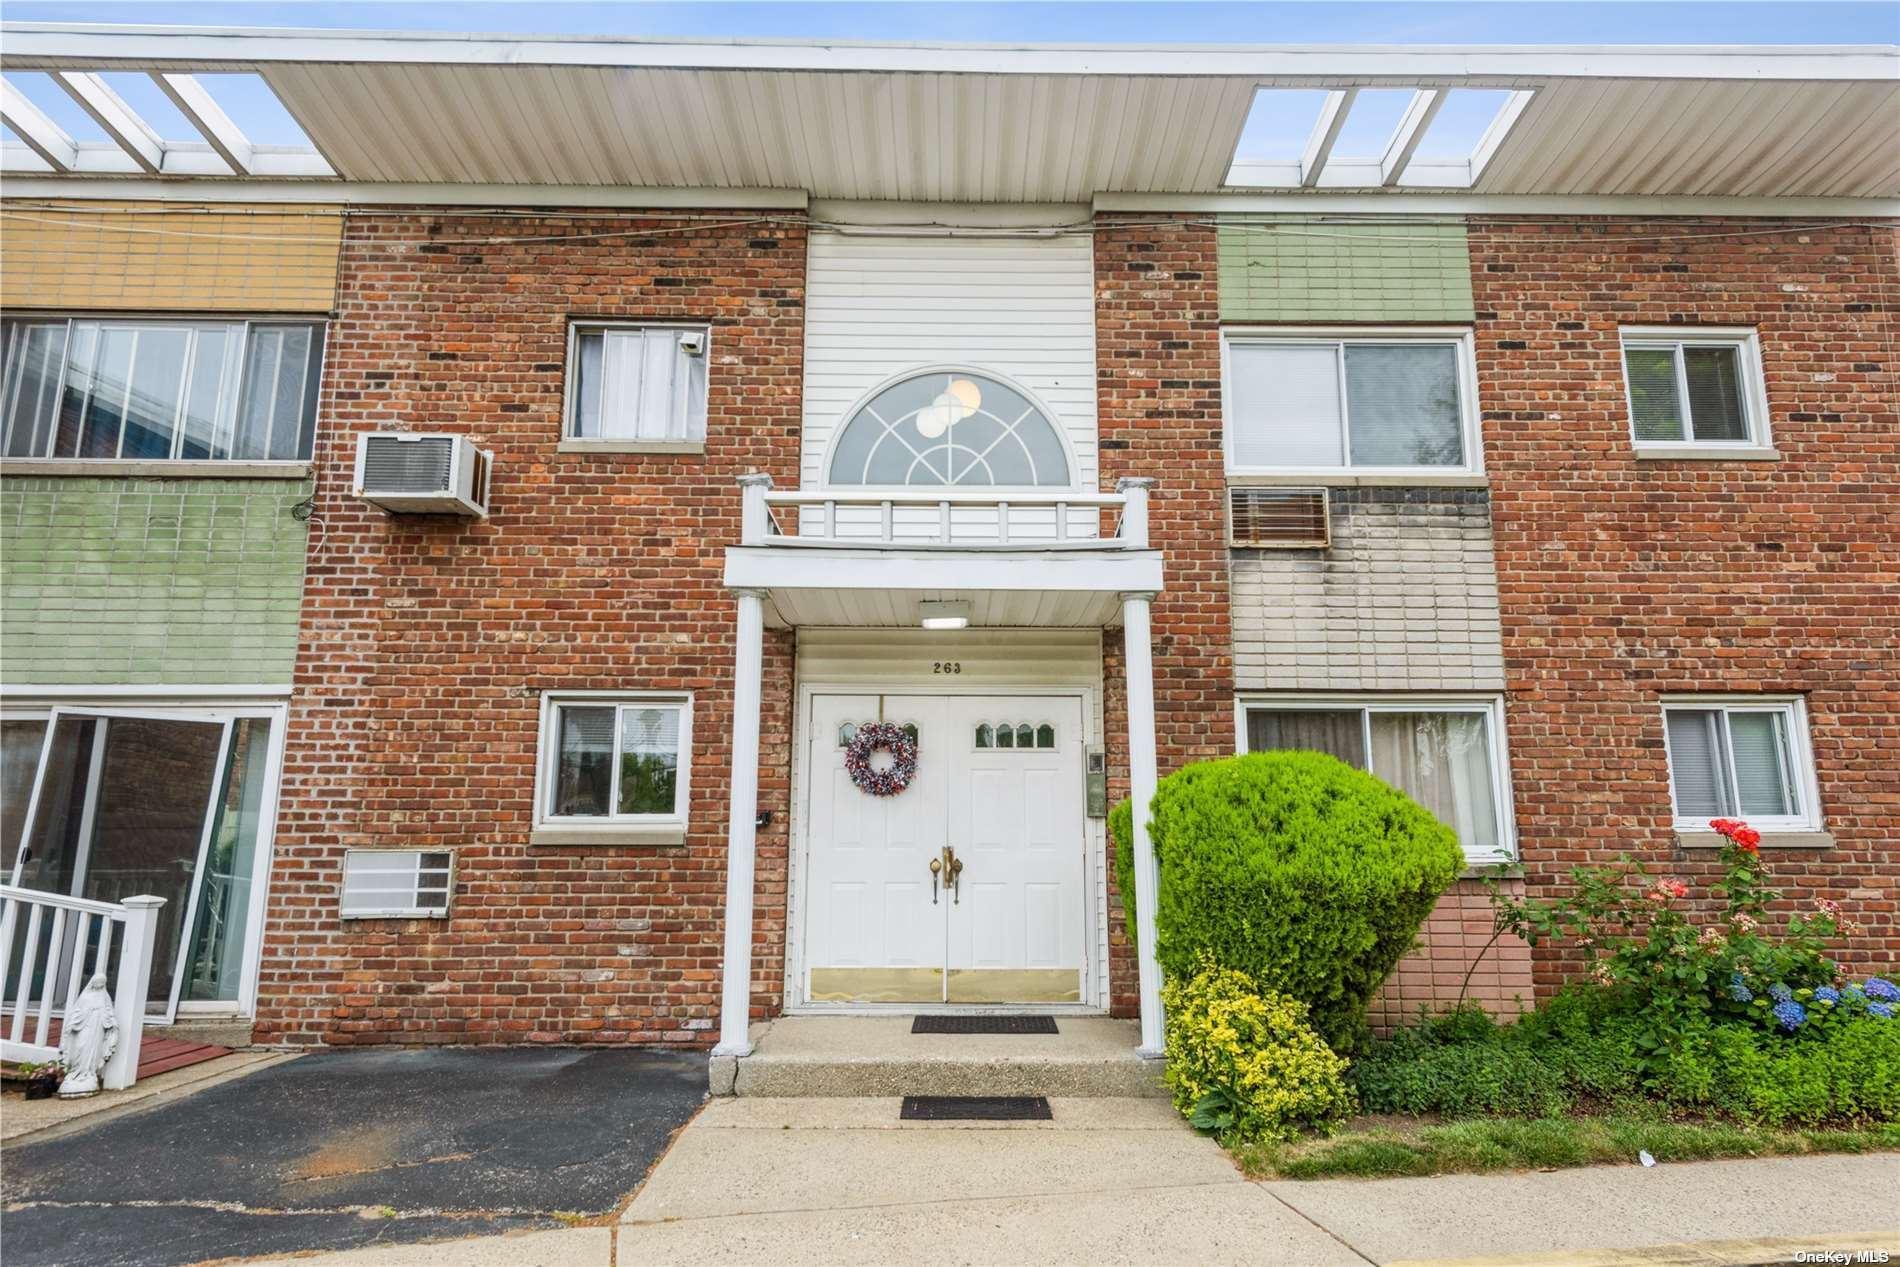 263 N. Newbridge Road #B2, Levittown, NY 11756 - MLS#: 3323189